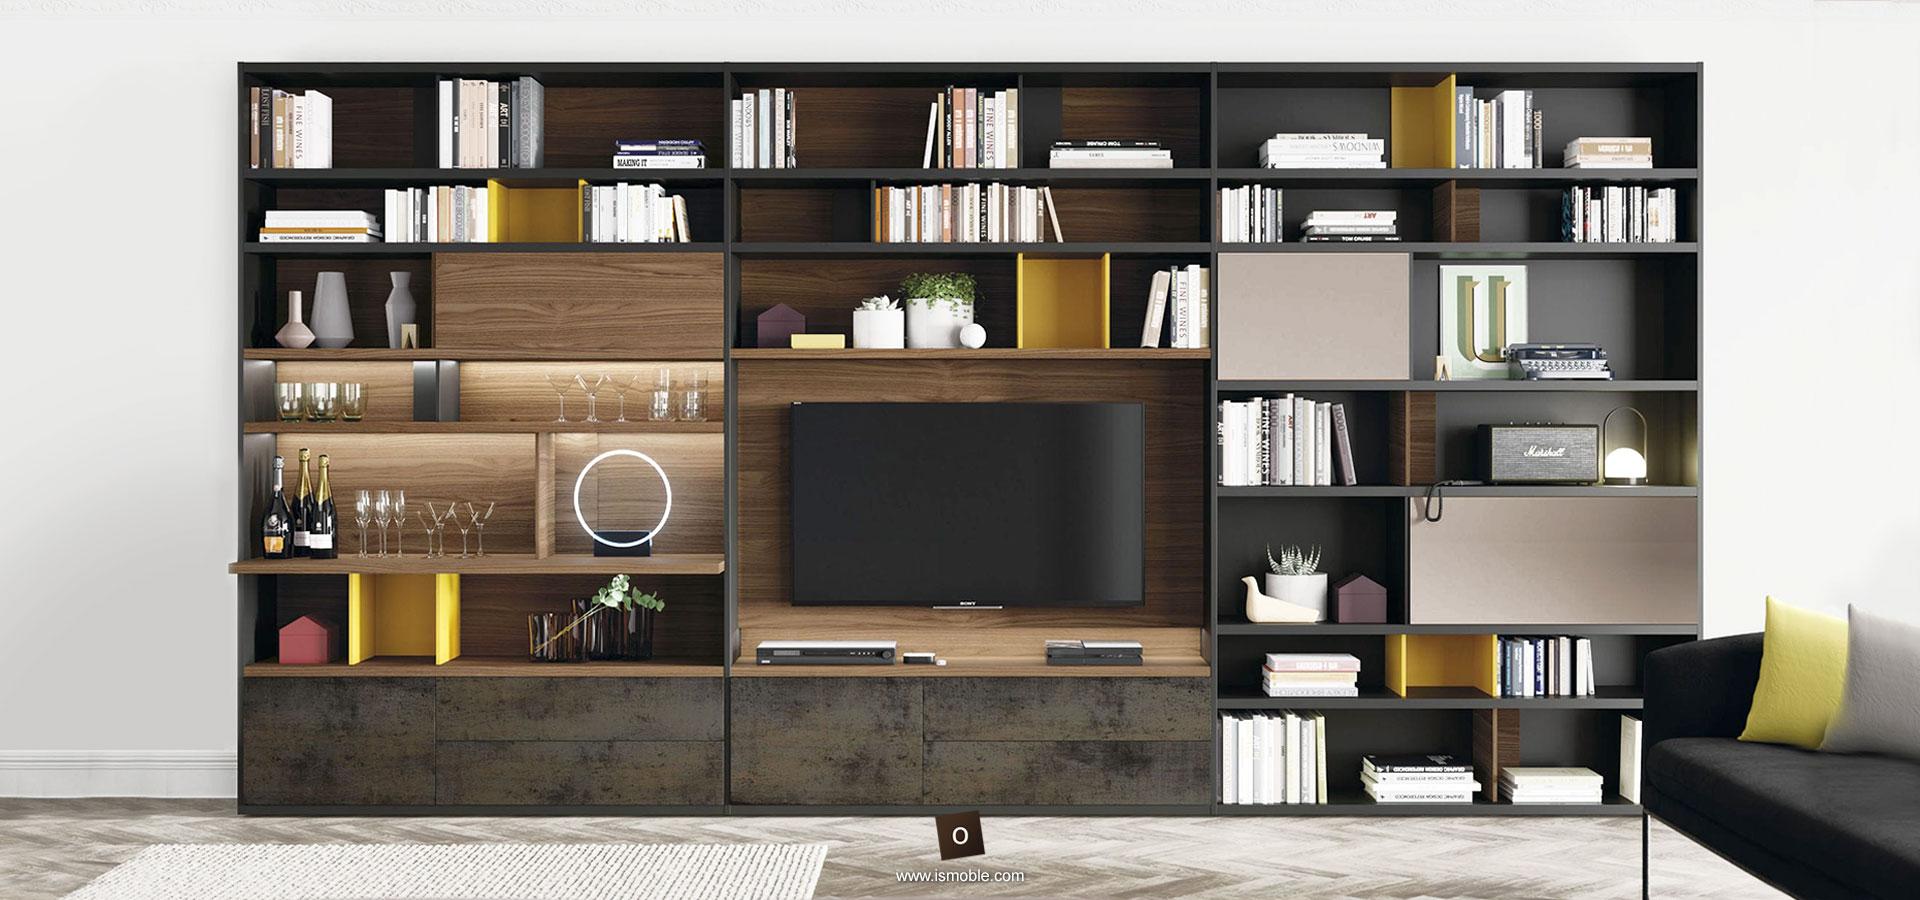 Muebles Para La Sala De Estar Y Televisi N De Dise O Ismoble # Muebles Suspendidos Salon